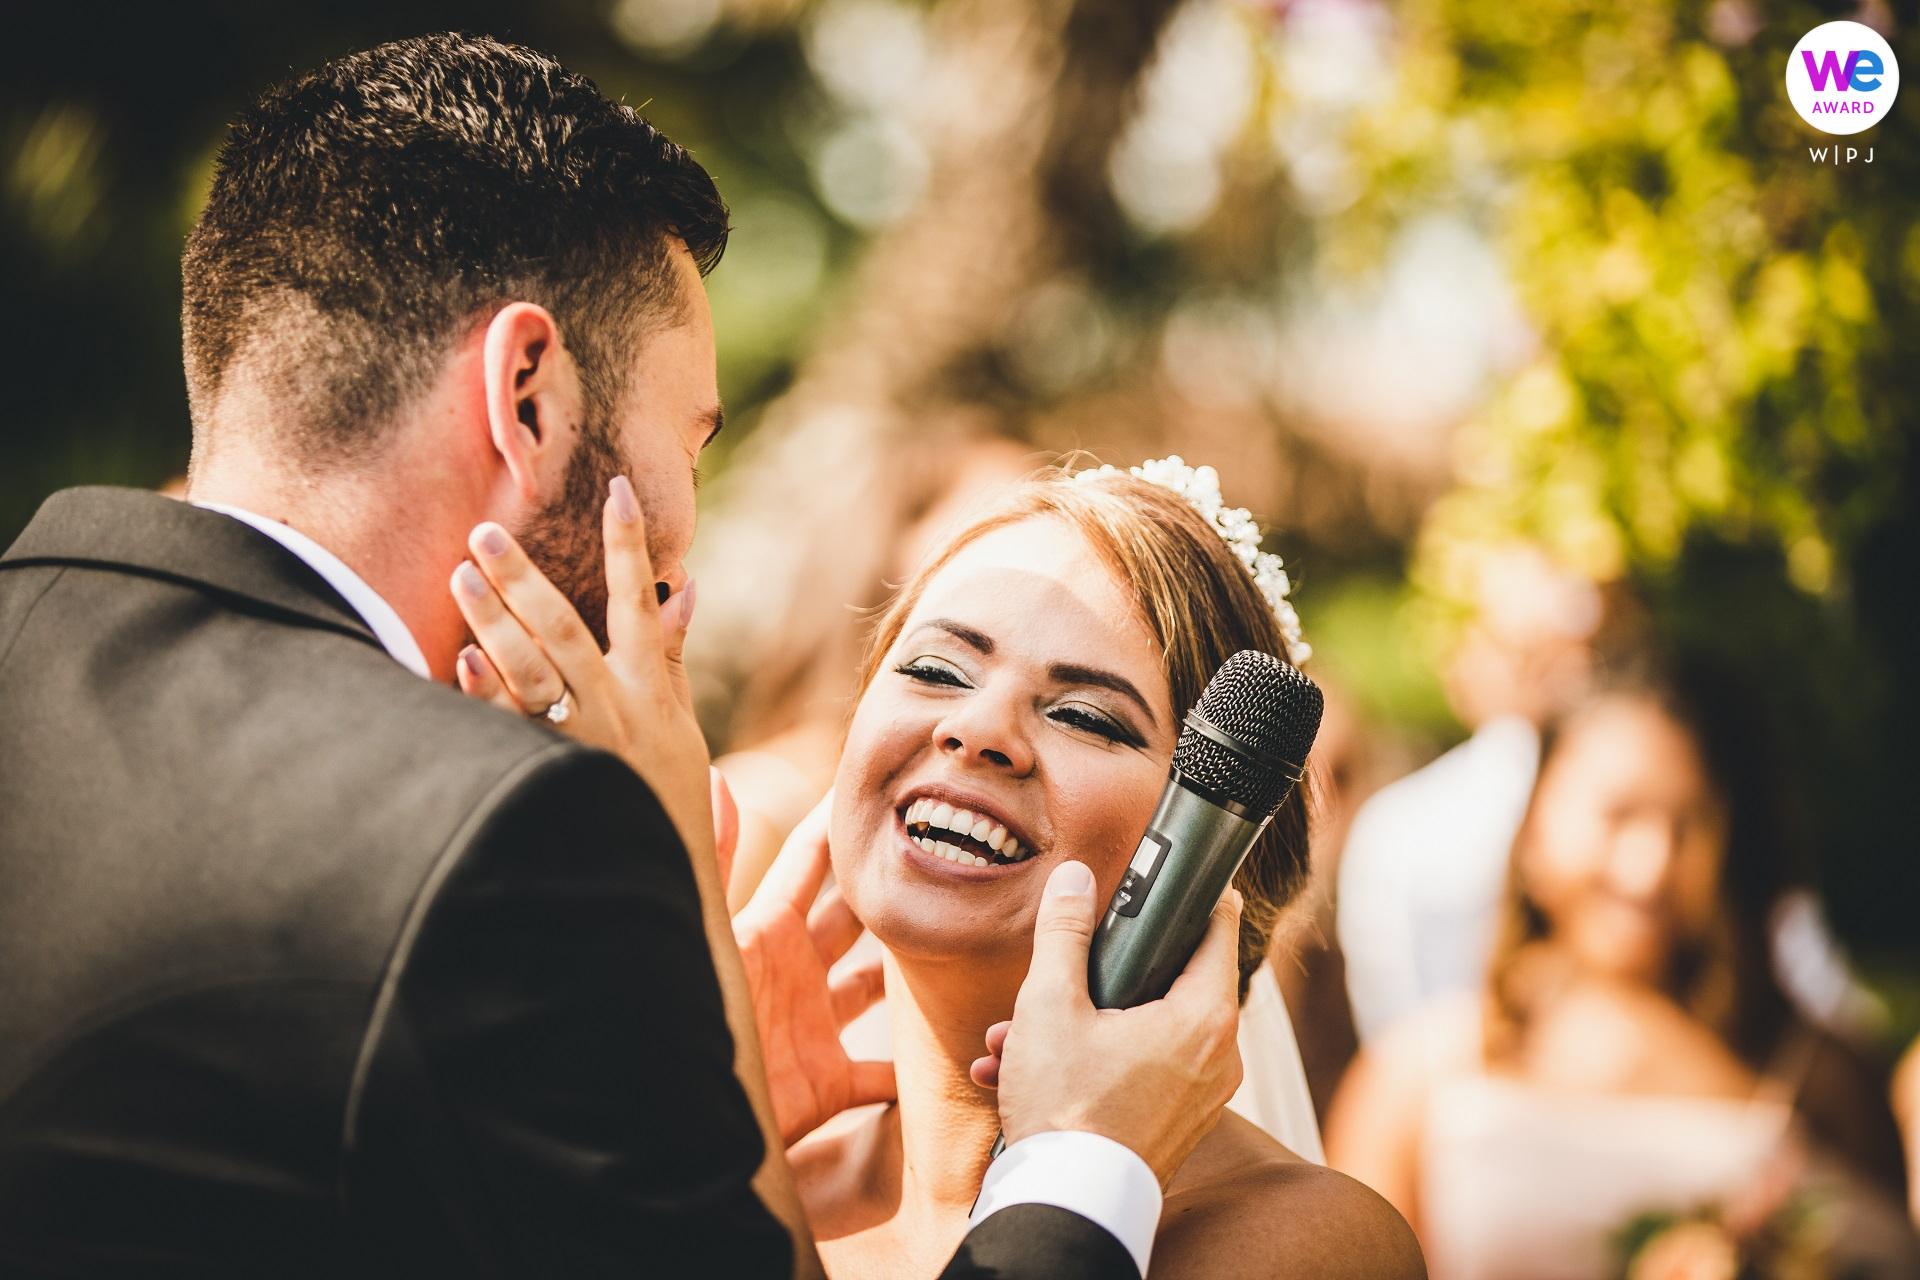 Zdjęcia ślubne z Castello Bevilacqua Verona, IT | Panna młoda patrzy na pana młodego z uniesieniem i radością